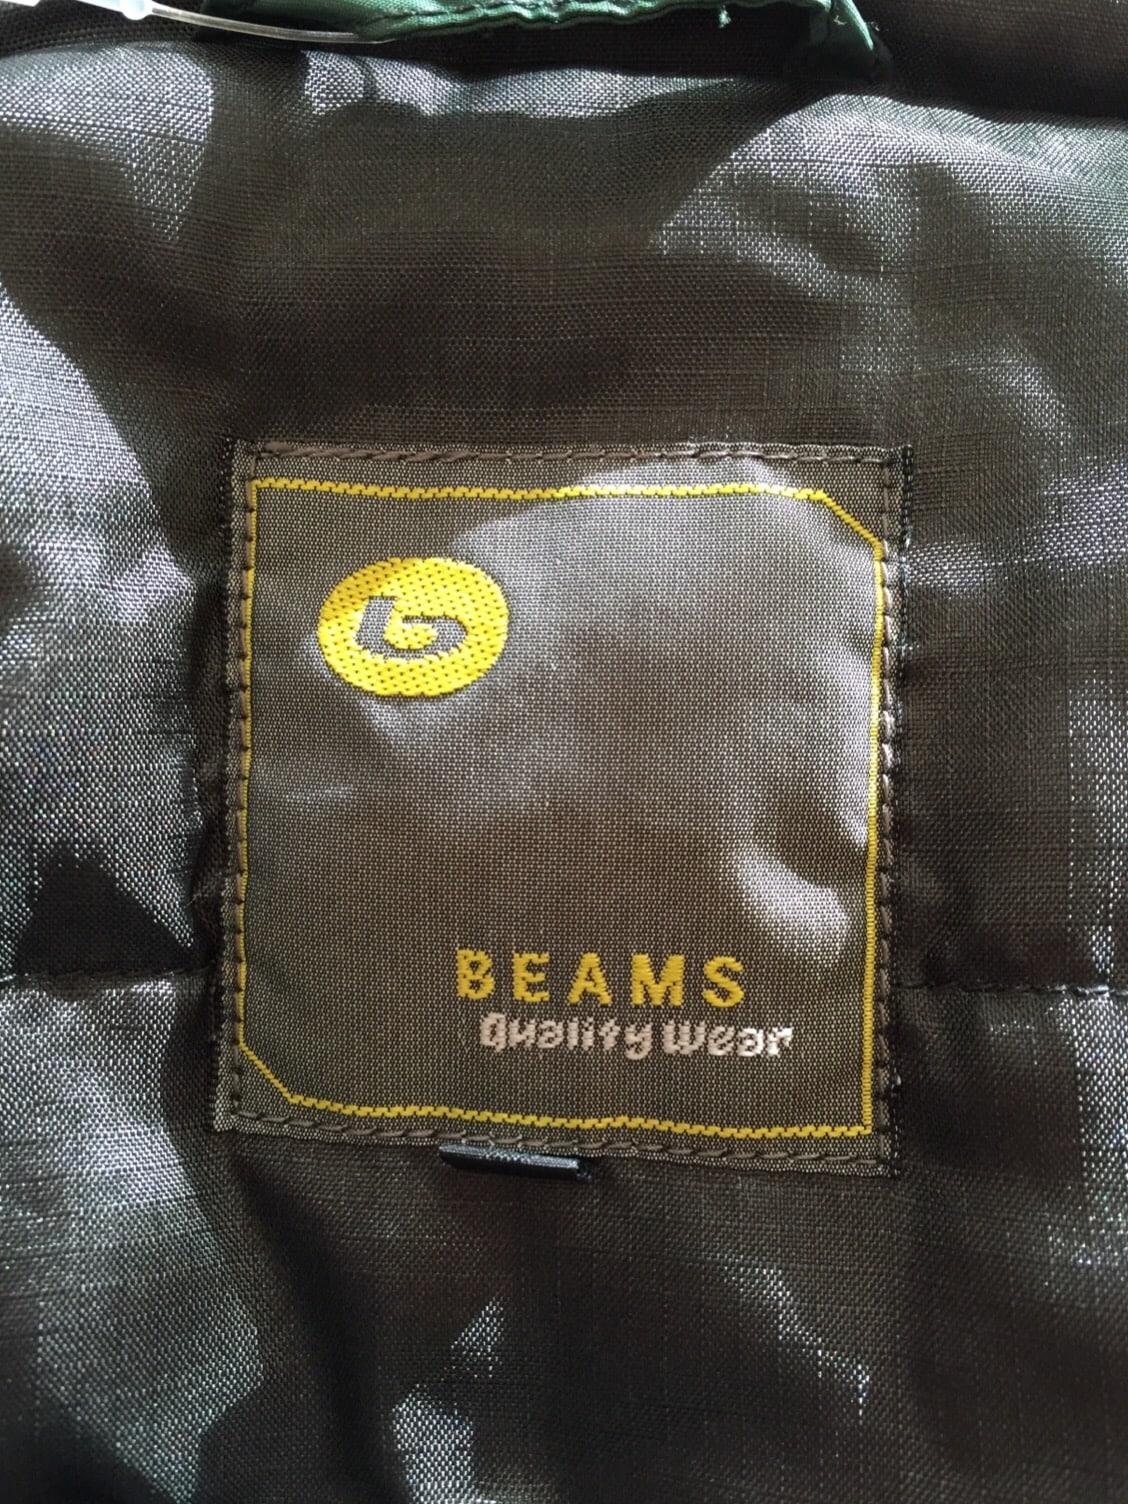 BEAMS(ビームス)のダウンコート